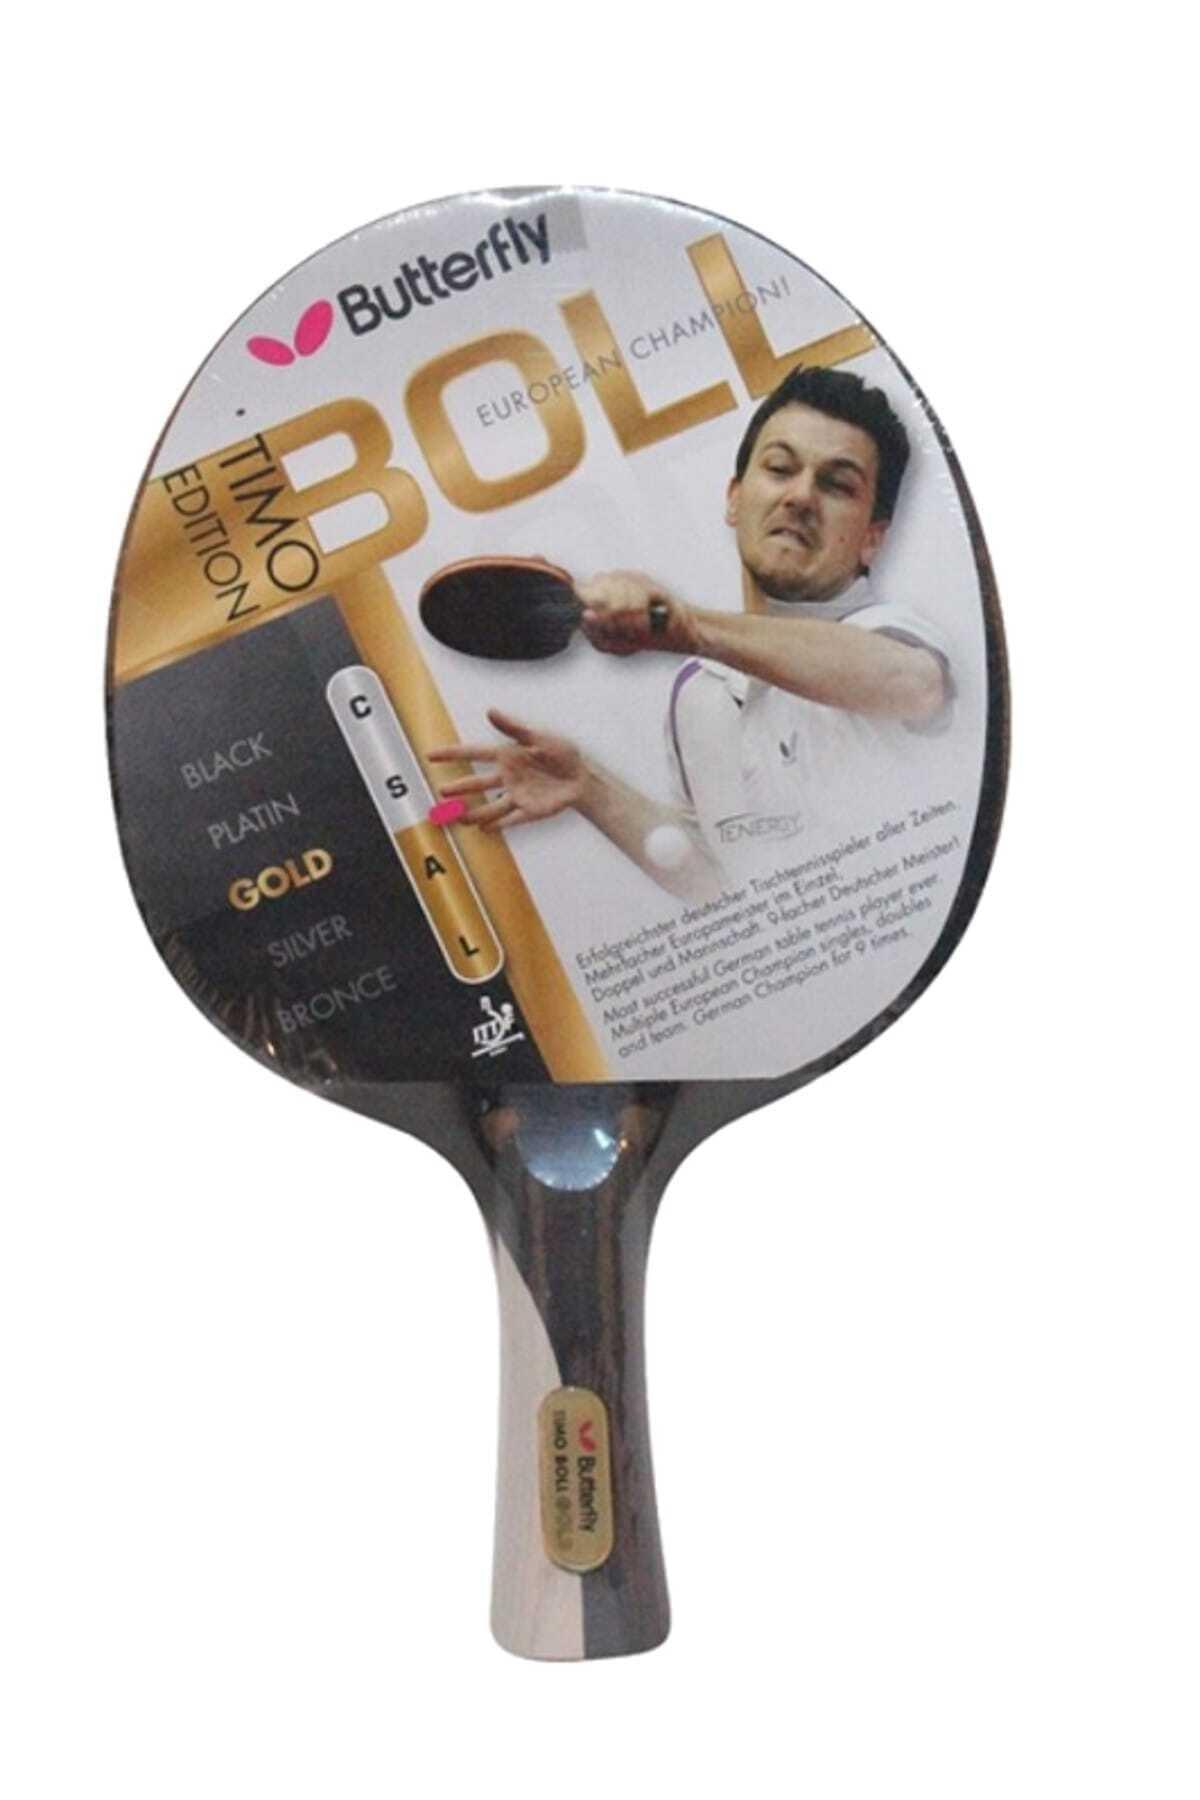 Masa Tenisi Raketi -  ITTF Onaylı - 85020